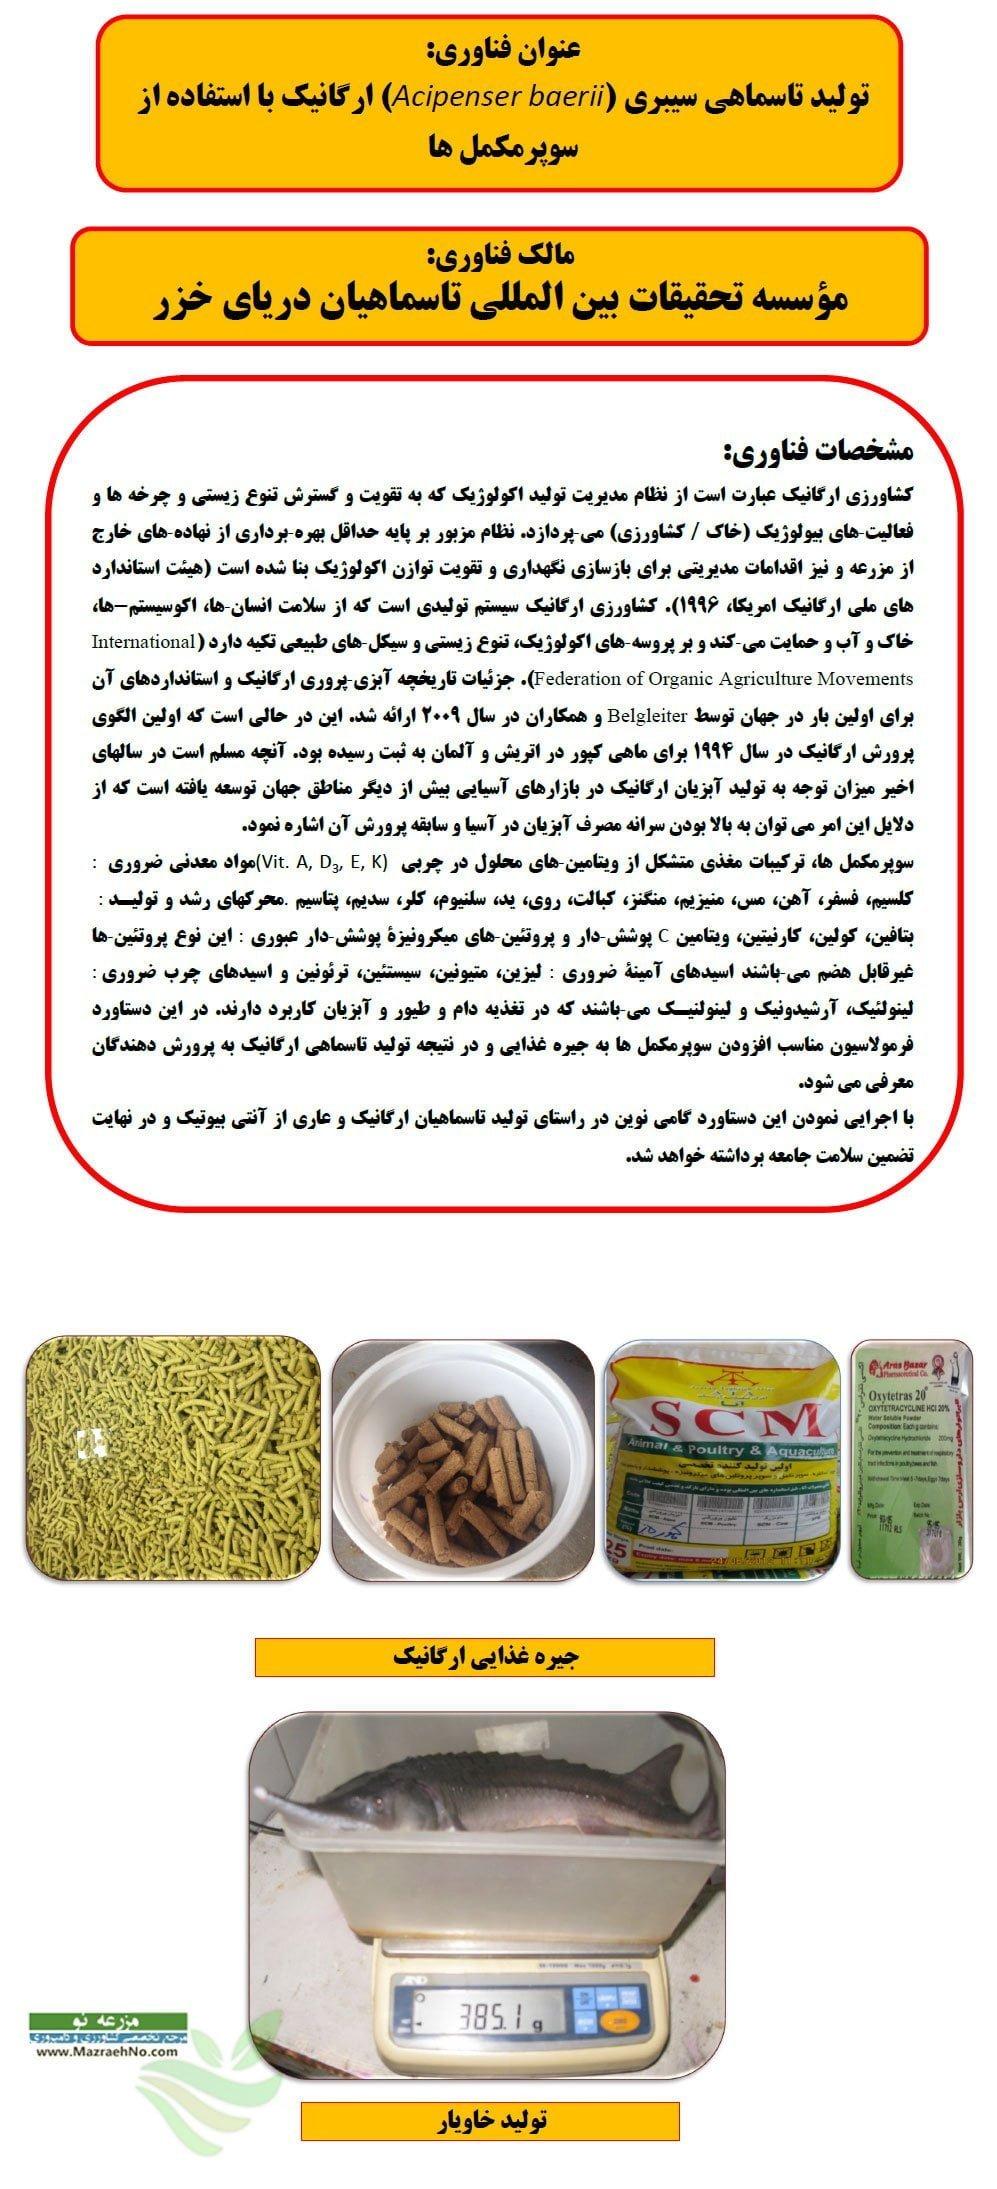 تولید تاسماهی سیبری ارگانیک با استفاده از سوپر مکمل ها